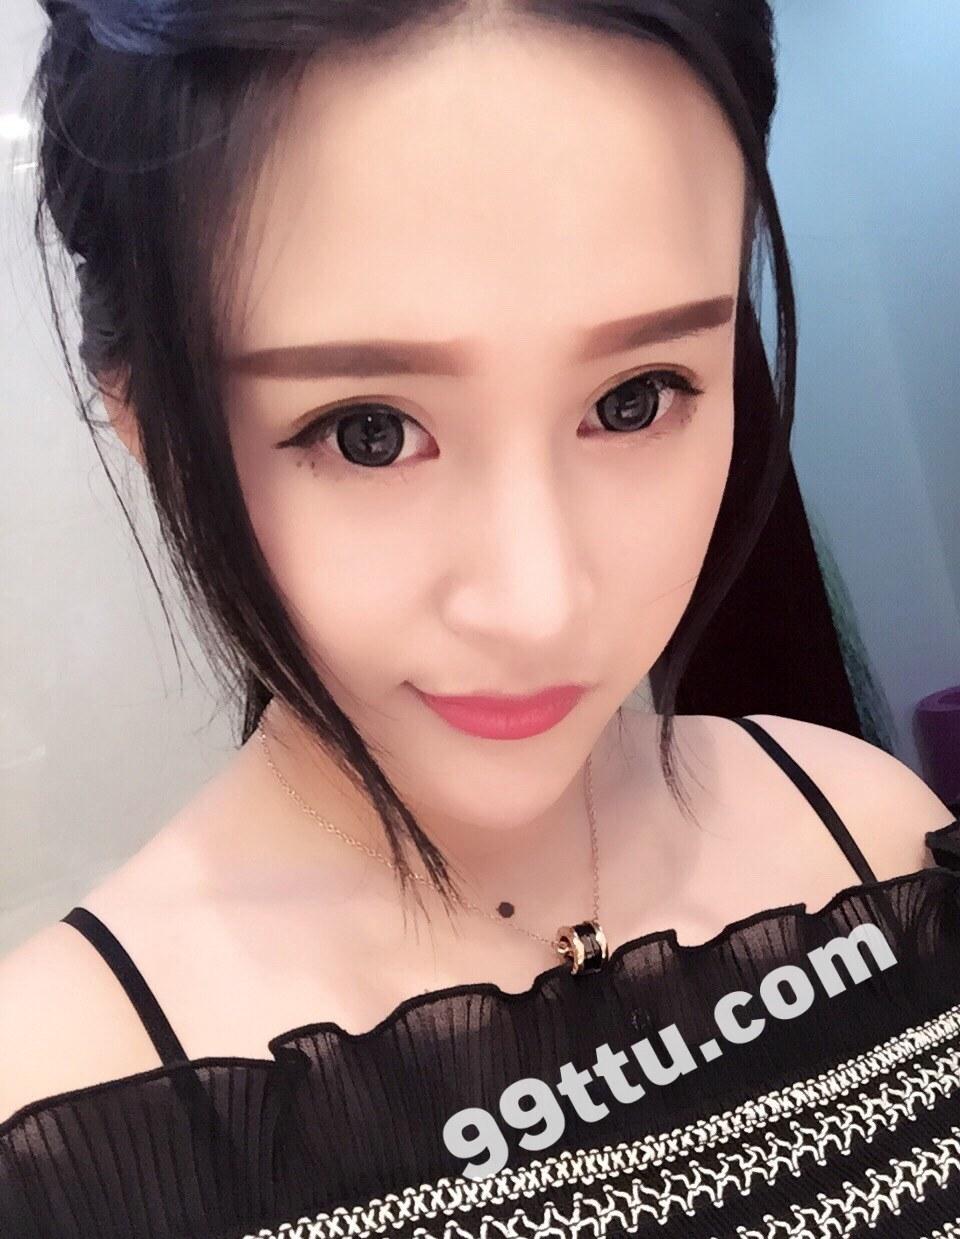 KK76_513张图+95个视频 推荐美女朋友圈套图生活照-4